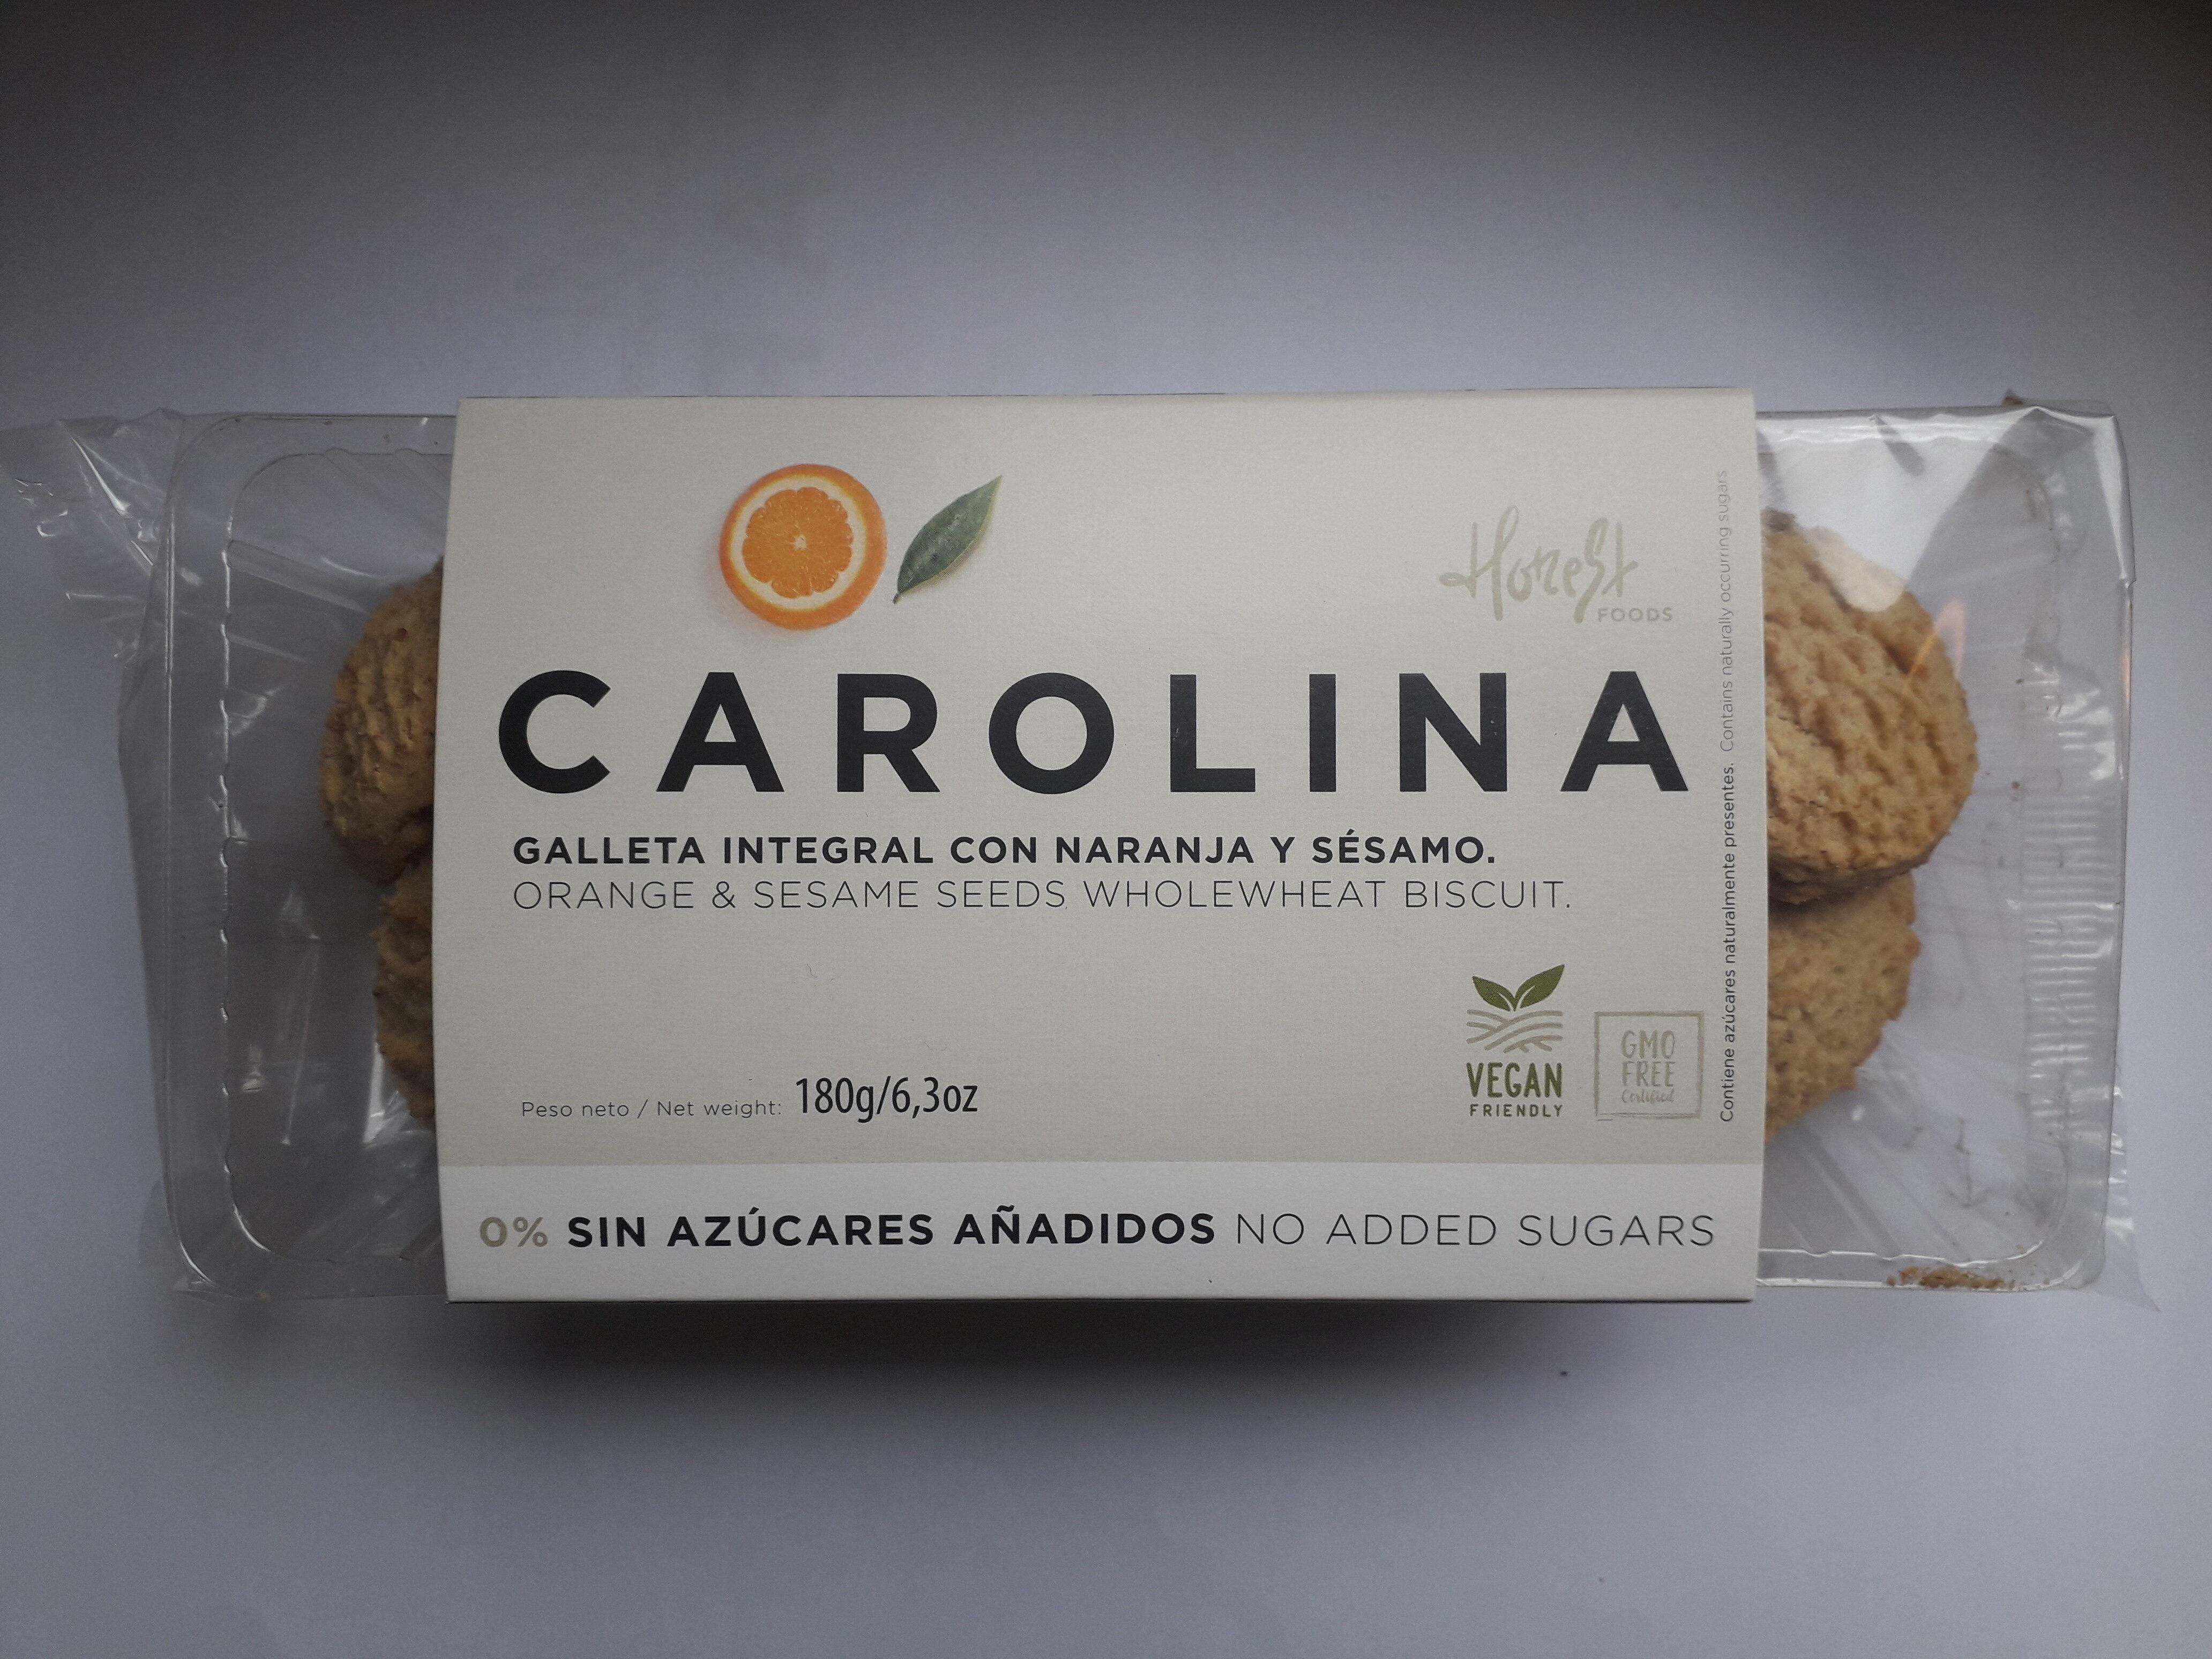 Galleta integral con sésamo y naranja - Produit - es